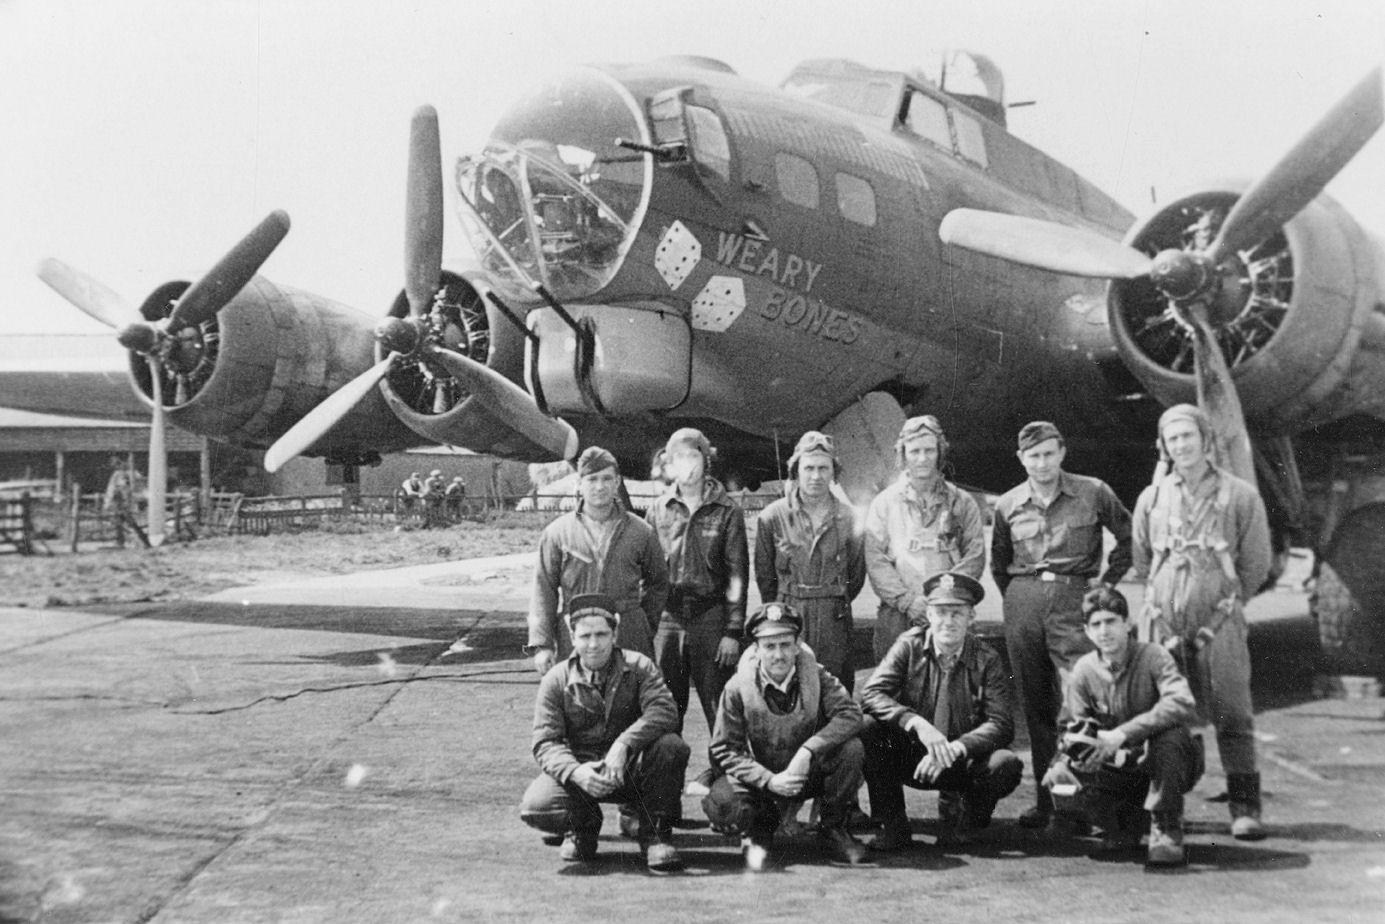 B-17 #42-37943 / Weary Bones